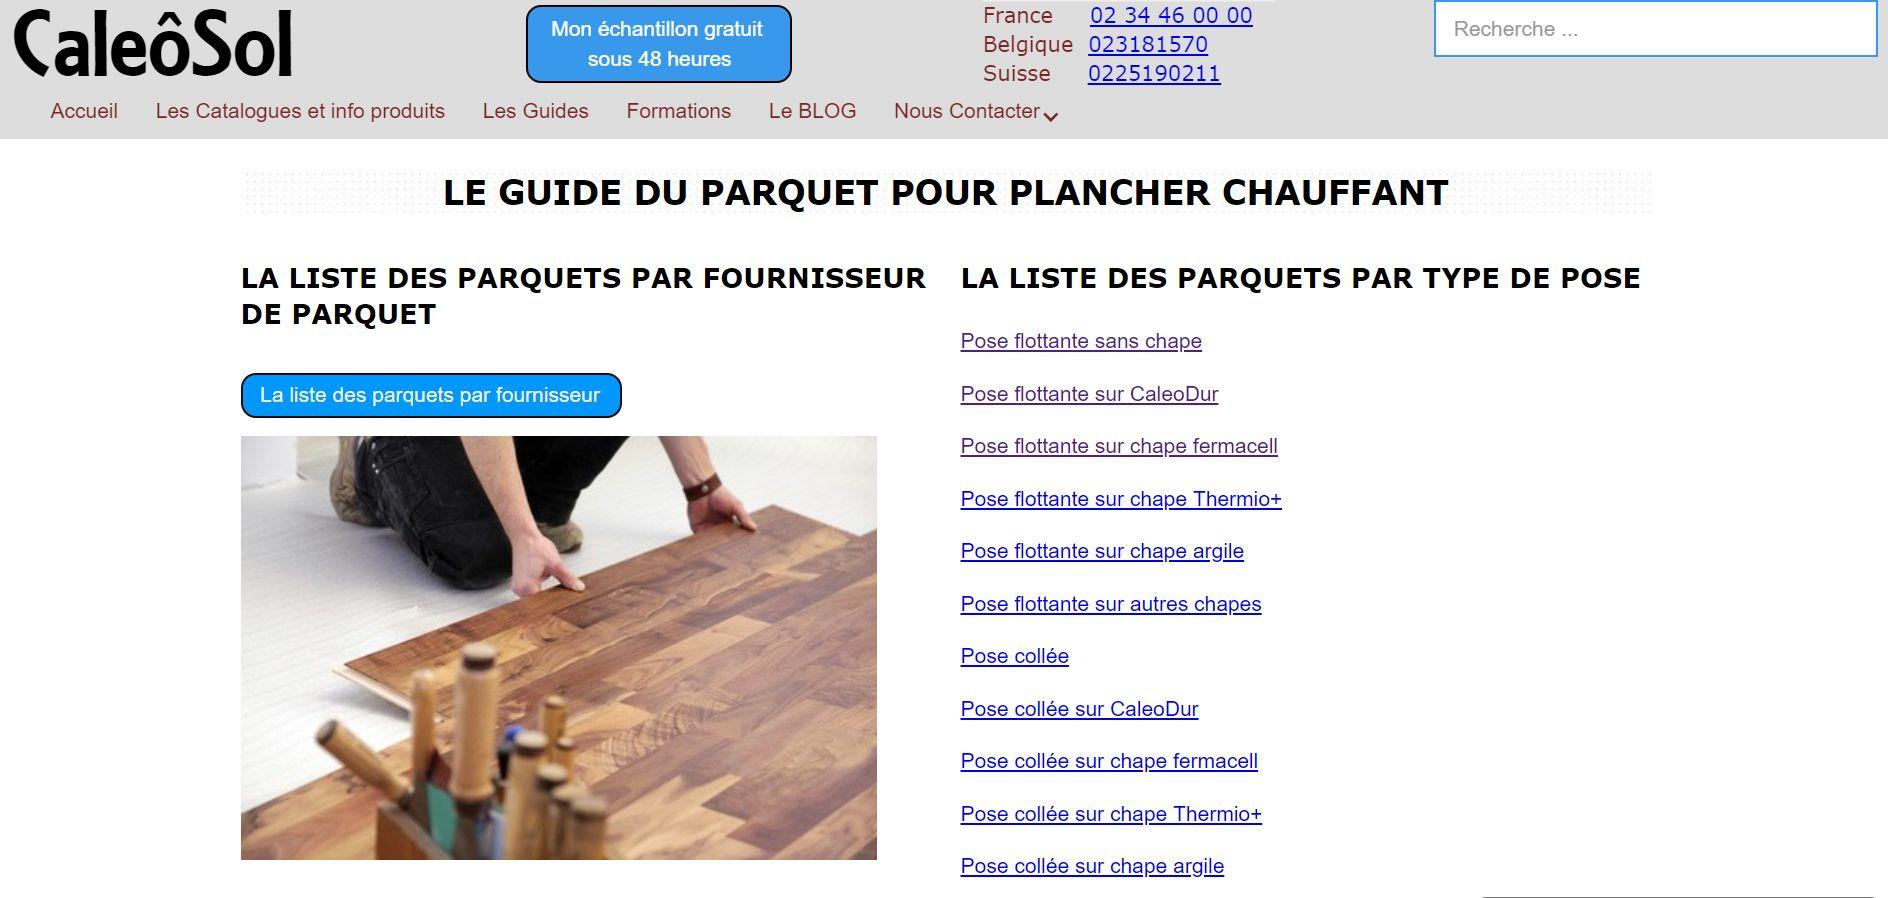 Catalogue du parquet pour plancher chauffant